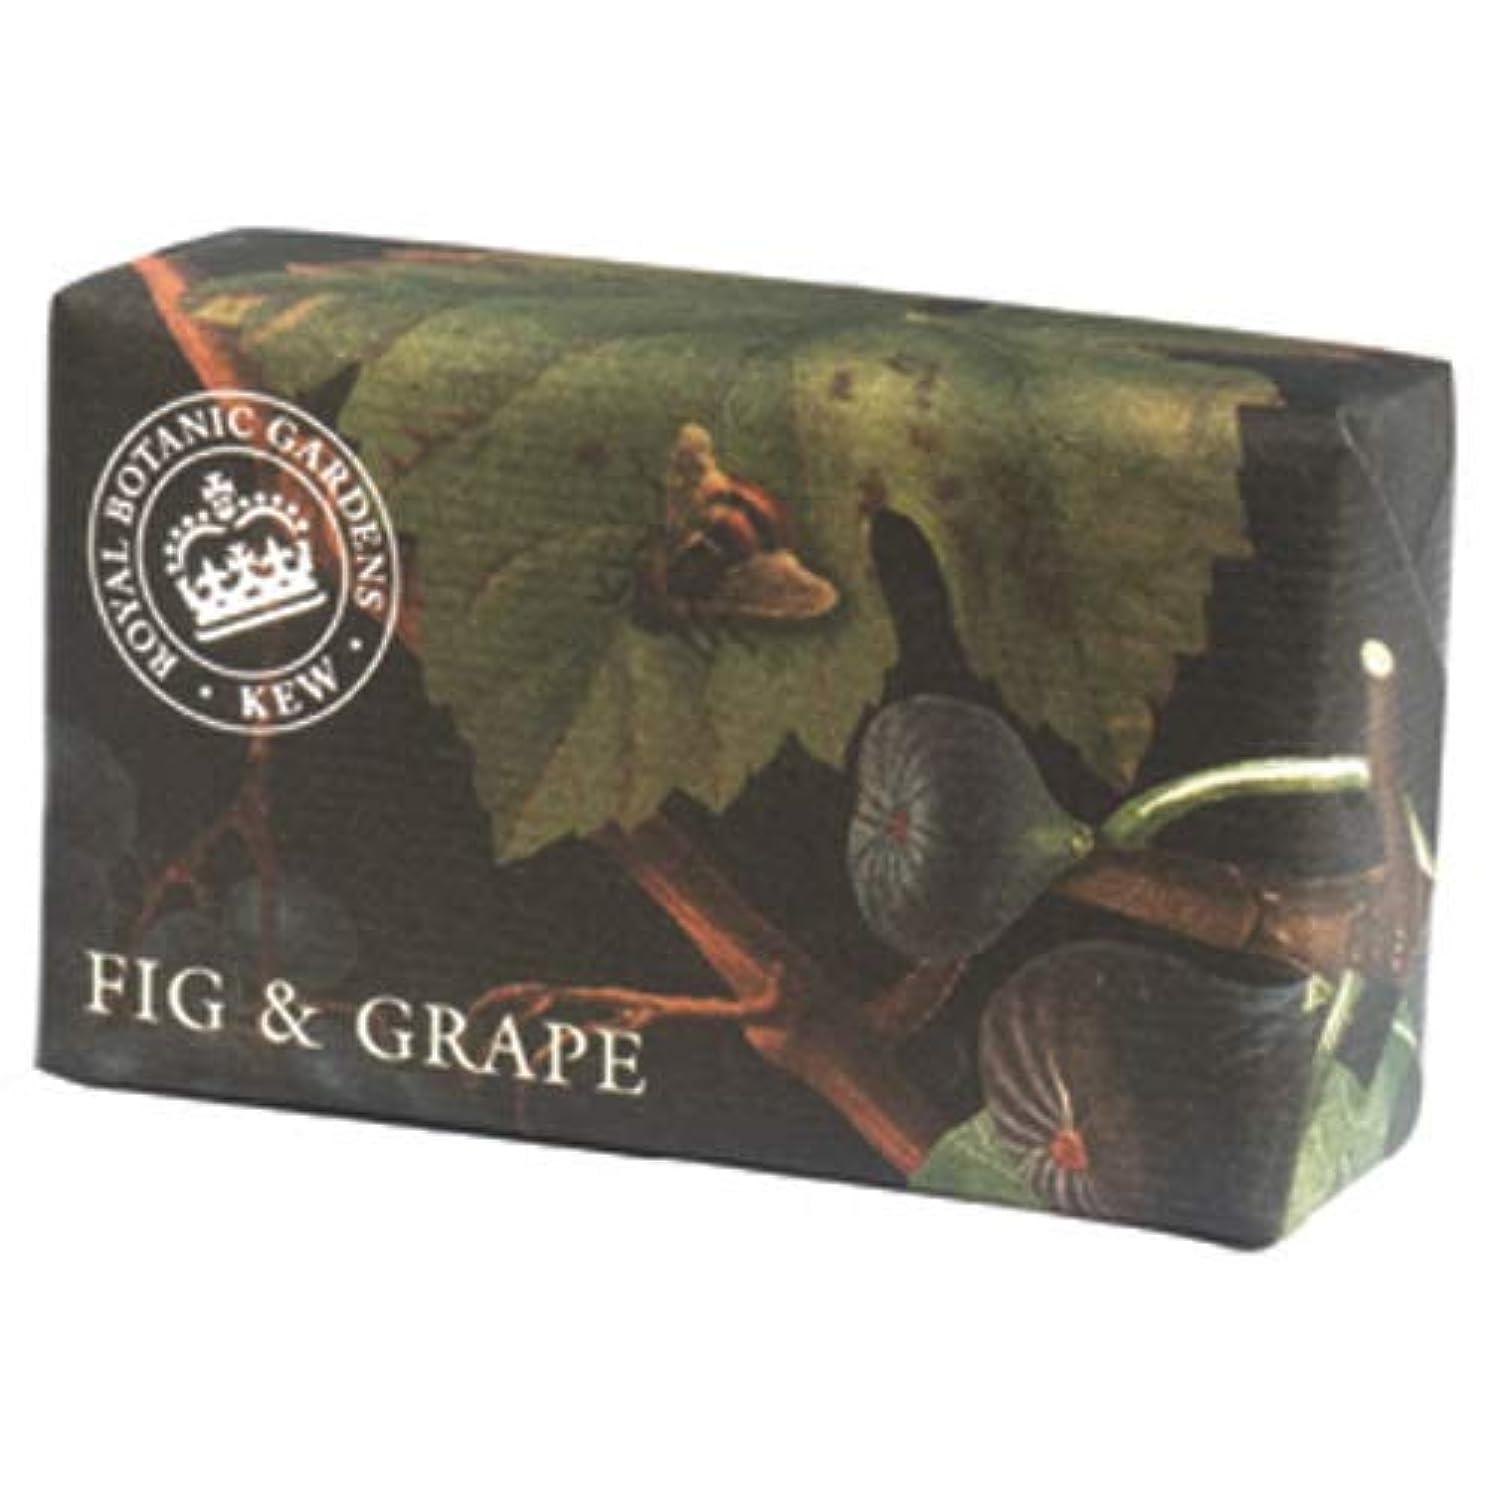 収入なかなか本当にEnglish Soap Company イングリッシュソープカンパニー KEW GARDEN キュー?ガーデン Luxury Shea Soaps シアソープ Fig & Grape フィグ&グレープ